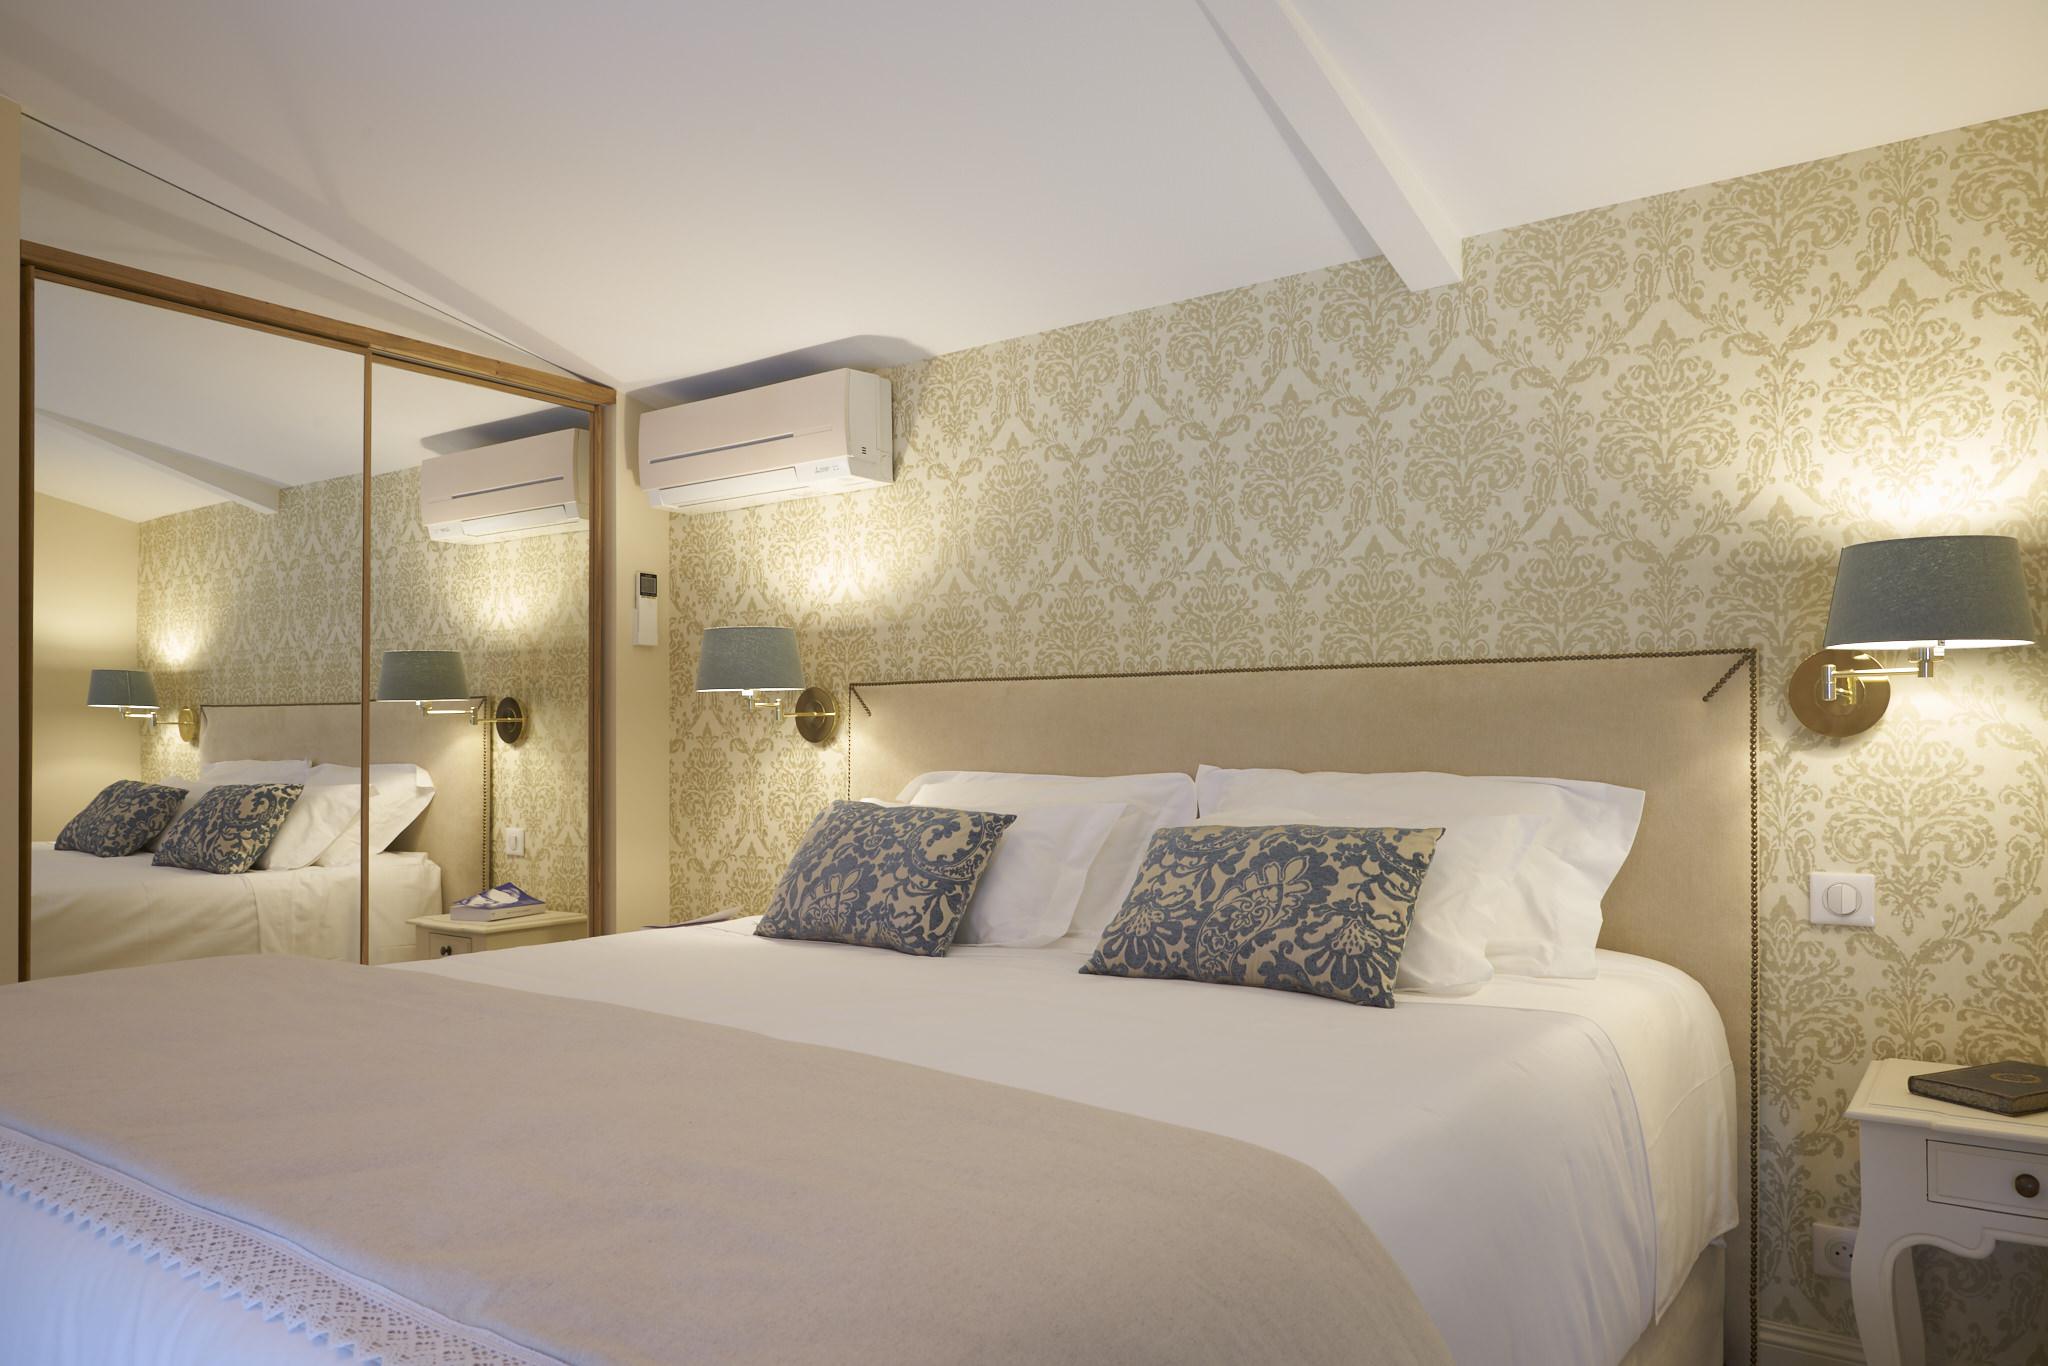 Chambre - Gîte - Bordeaux - photo immobilière - Airbnb - Photo architecture - Architecte d'intérieur